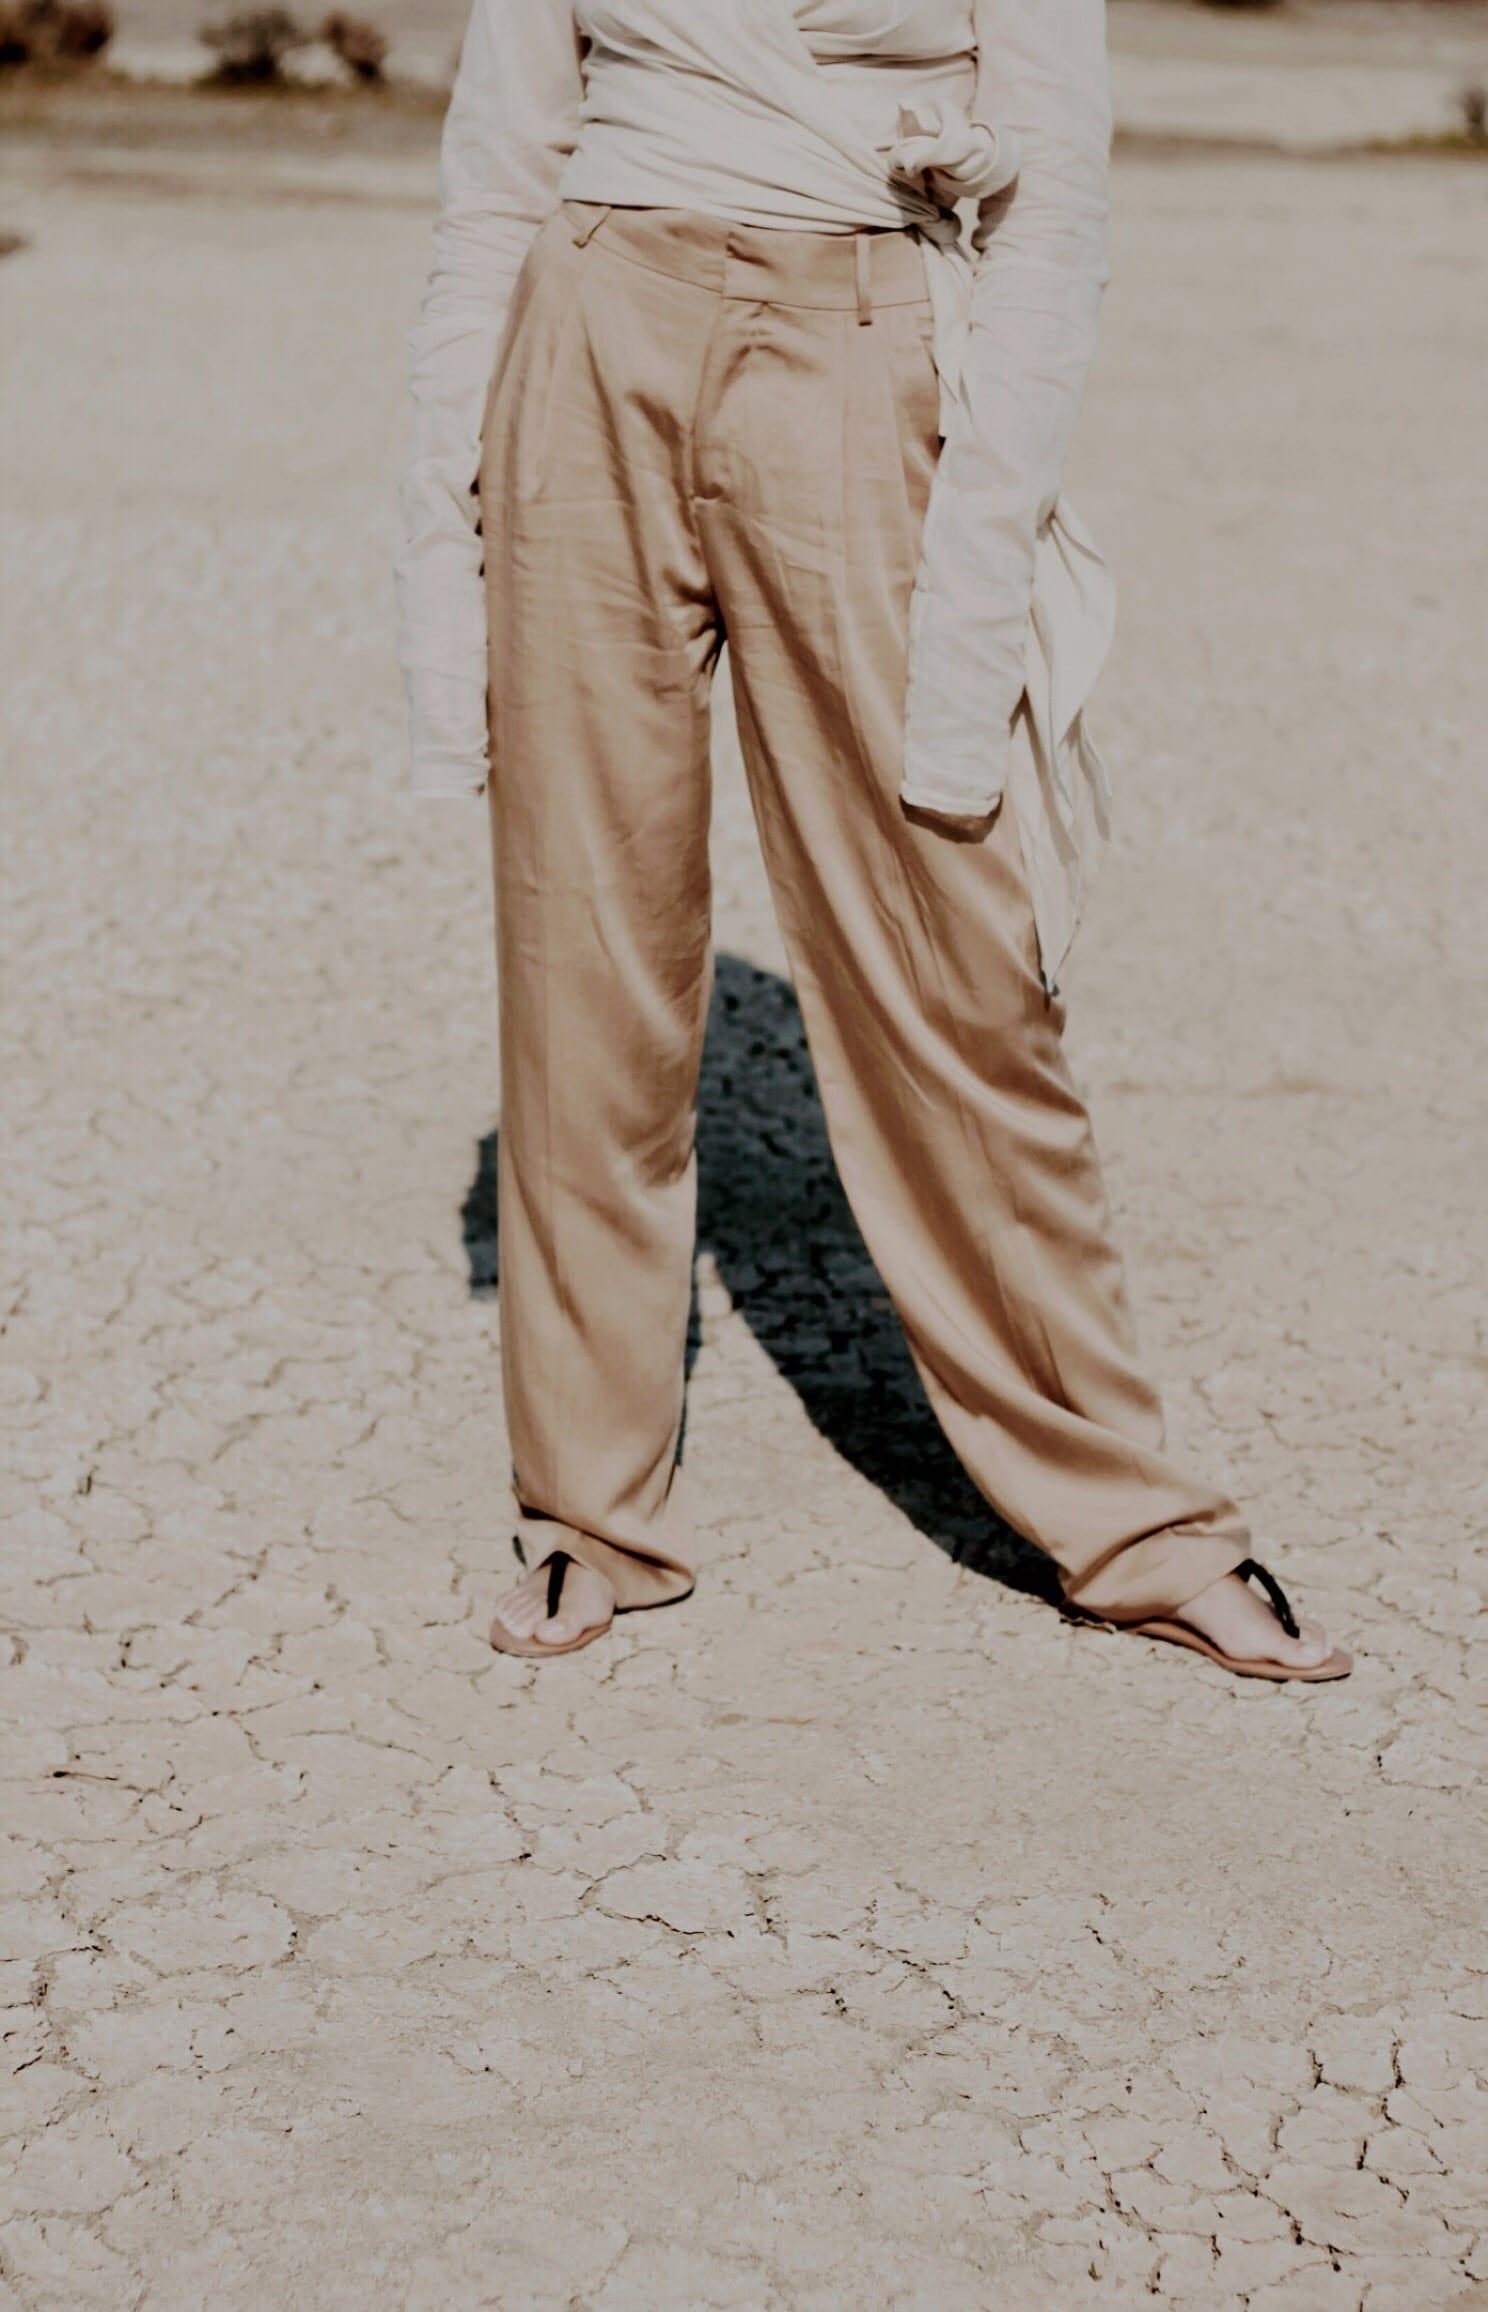 Consumo critico, elisa bellino, fashion blog italia 2018, fashion influencer 2018, blogger moda 2018, elisa bellino, massimo dutti outfit 2018, minimal blogger 2018, luxury blogger 2018, moda sostenibile, sostenibilità significato